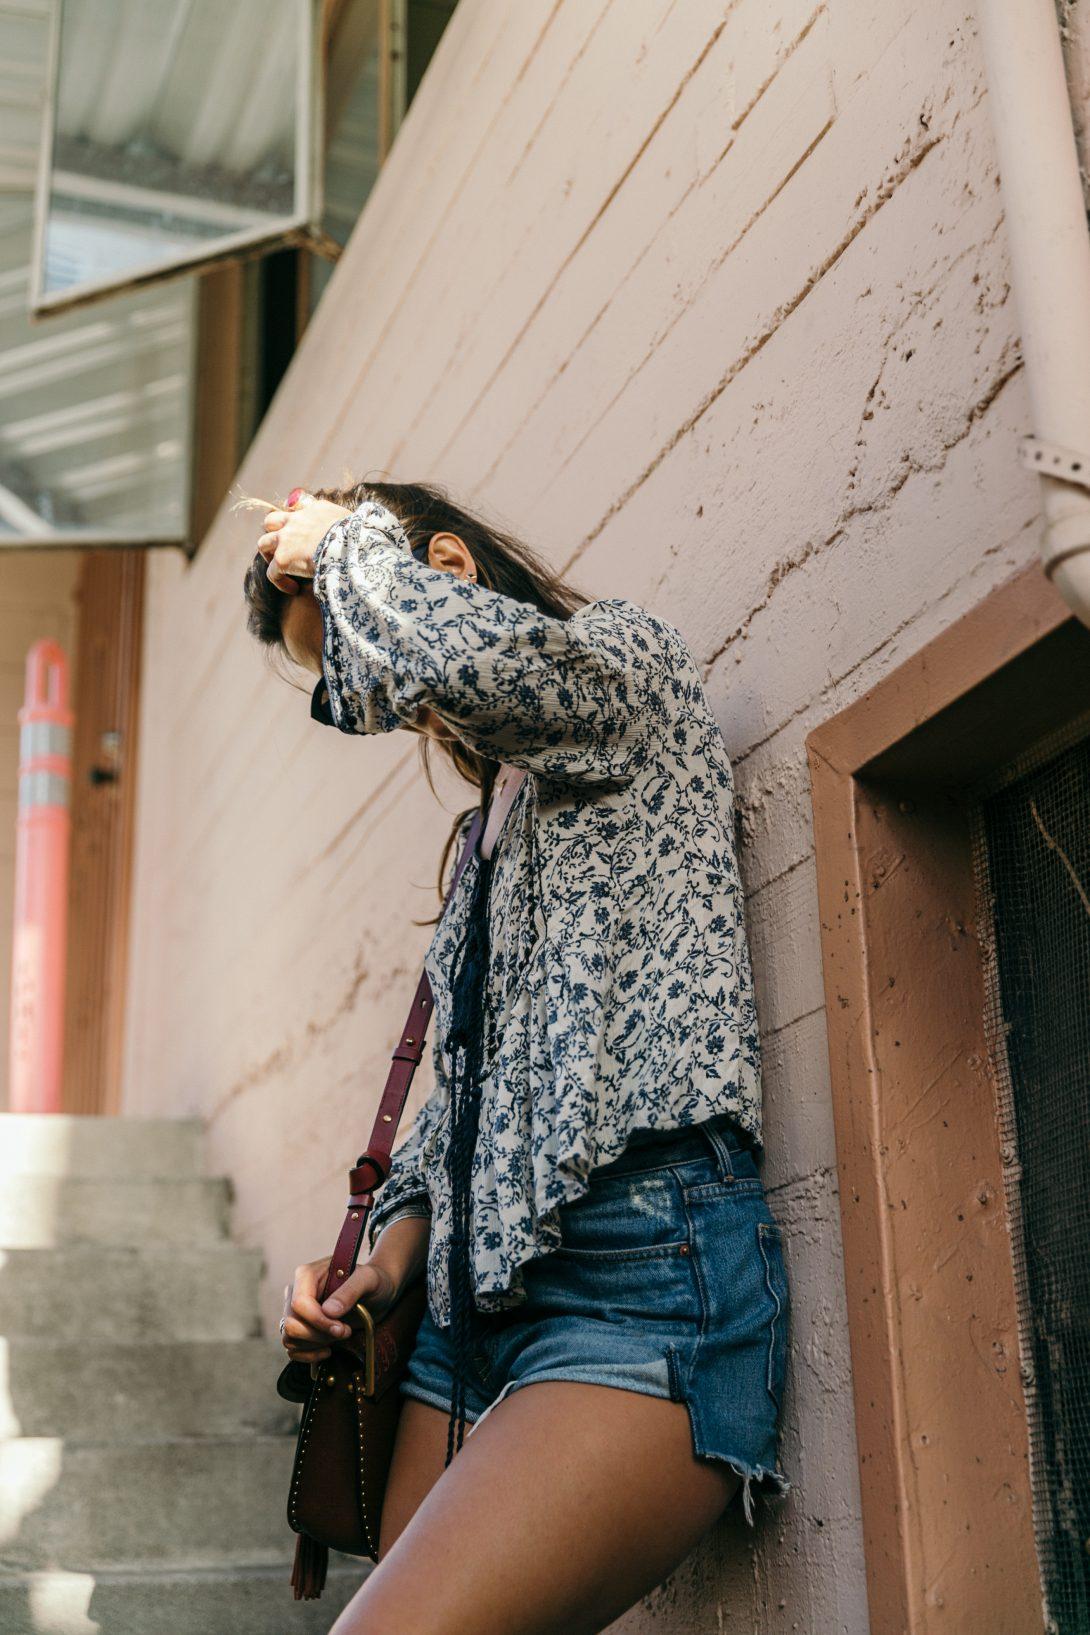 Boho_Top-GRFRND_Jeans-Chloe_Hudson_Bag-Espadrilles-Los_Angeles-Outfit-Collage_Vintage--10